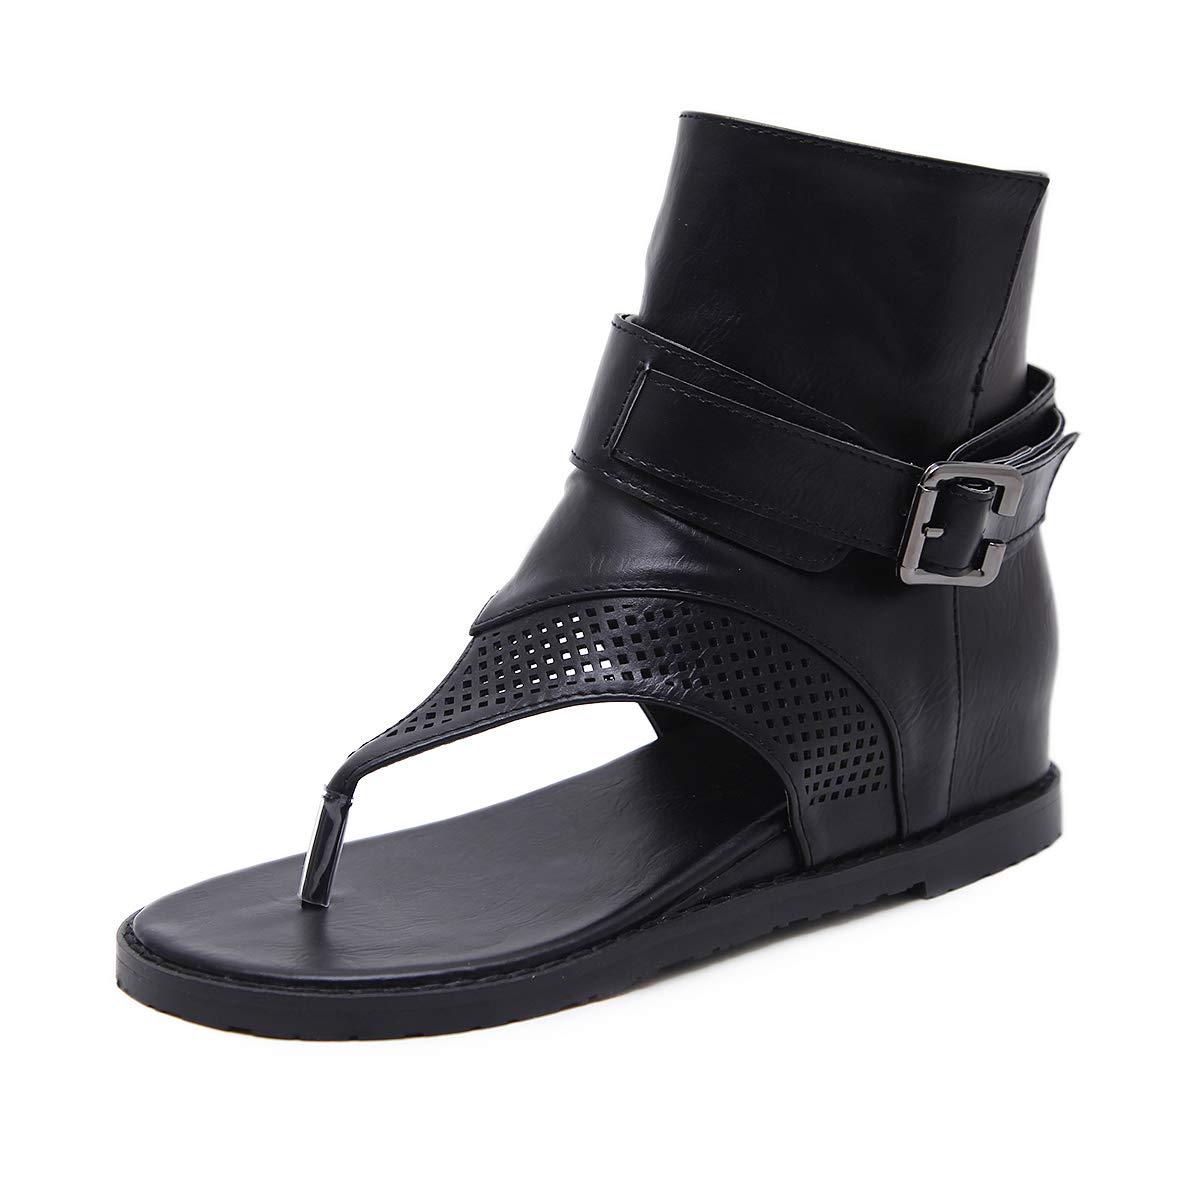 HBDLH Damenschuhe Sommer Zwicken Heel 3Cm Sandalen High - End - Steigung Ferse Ferse Die Mitte Zwicken Innere Größe Römische Schuhe